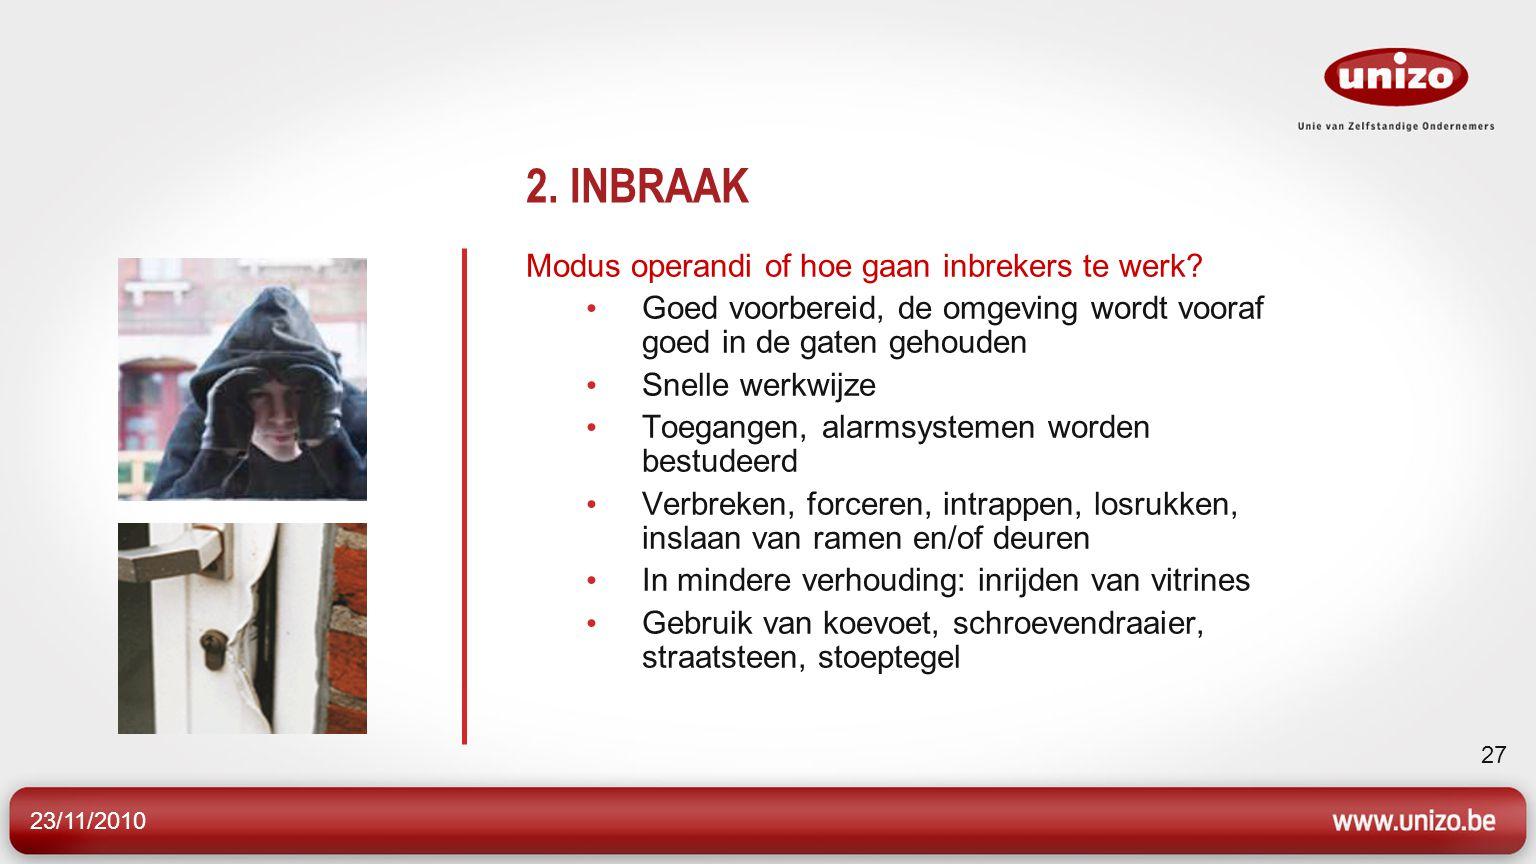 23/11/2010 27 2. INBRAAK Modus operandi of hoe gaan inbrekers te werk? Goed voorbereid, de omgeving wordt vooraf goed in de gaten gehouden Snelle werk